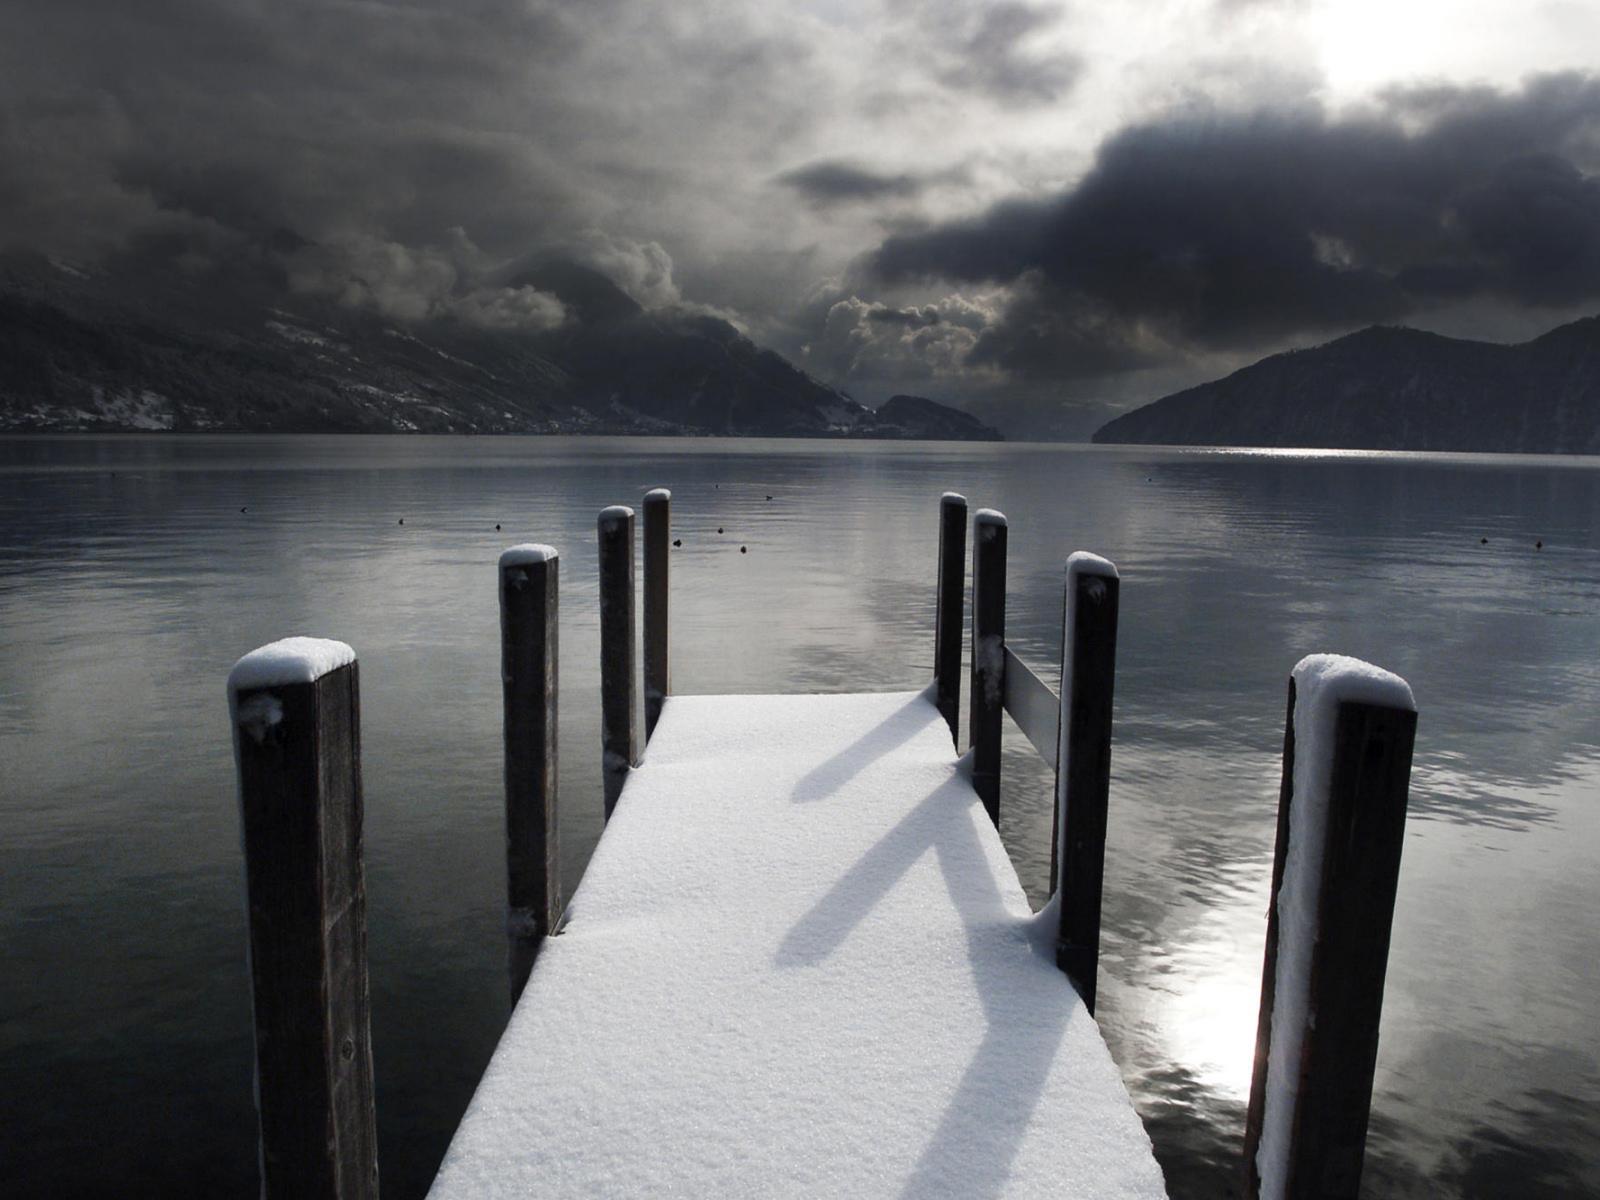 Fabuleux nature ponton lac hiver noir et blanc - 10 000 Fonds d'écran HD  AC29